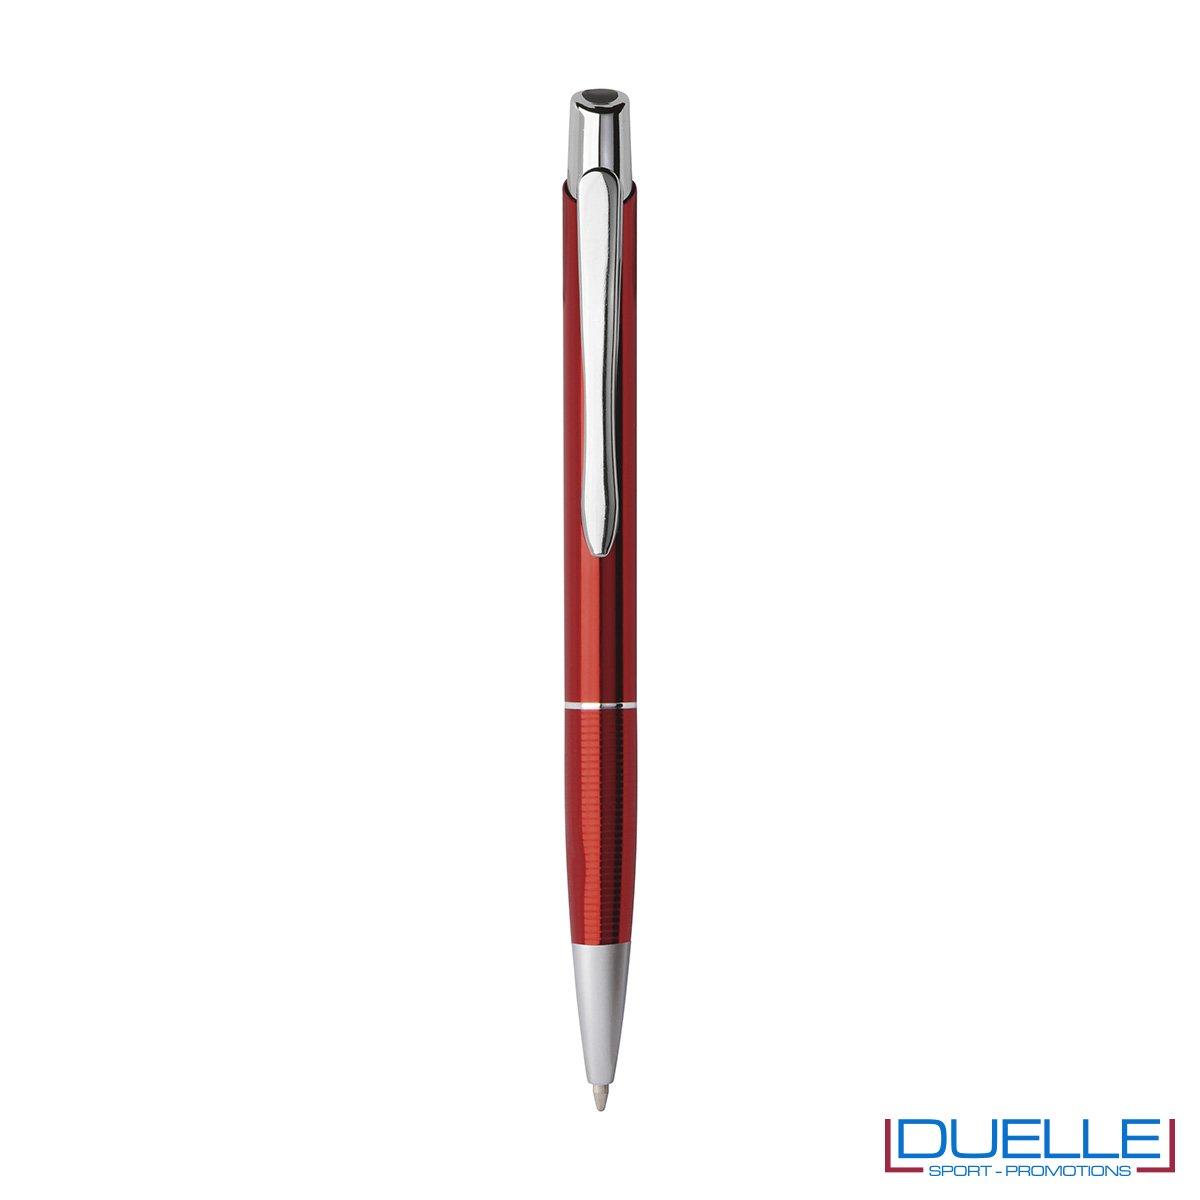 Penna a sfera con fusto in alluminio anodizzato personalizzabile con incisione laser.